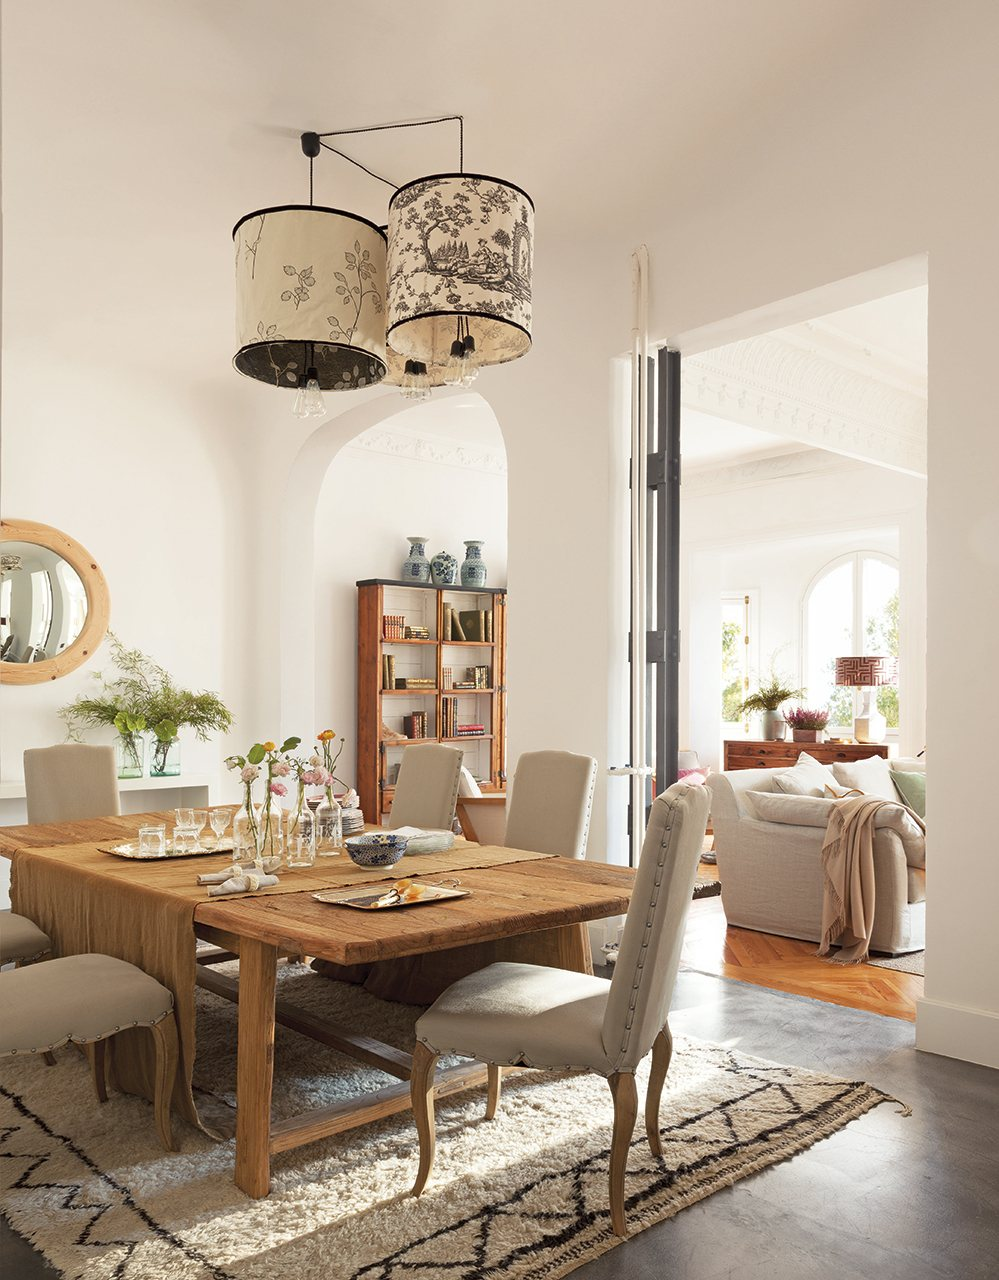 Sal n en madera y blanco - Lamparas para salon comedor ...